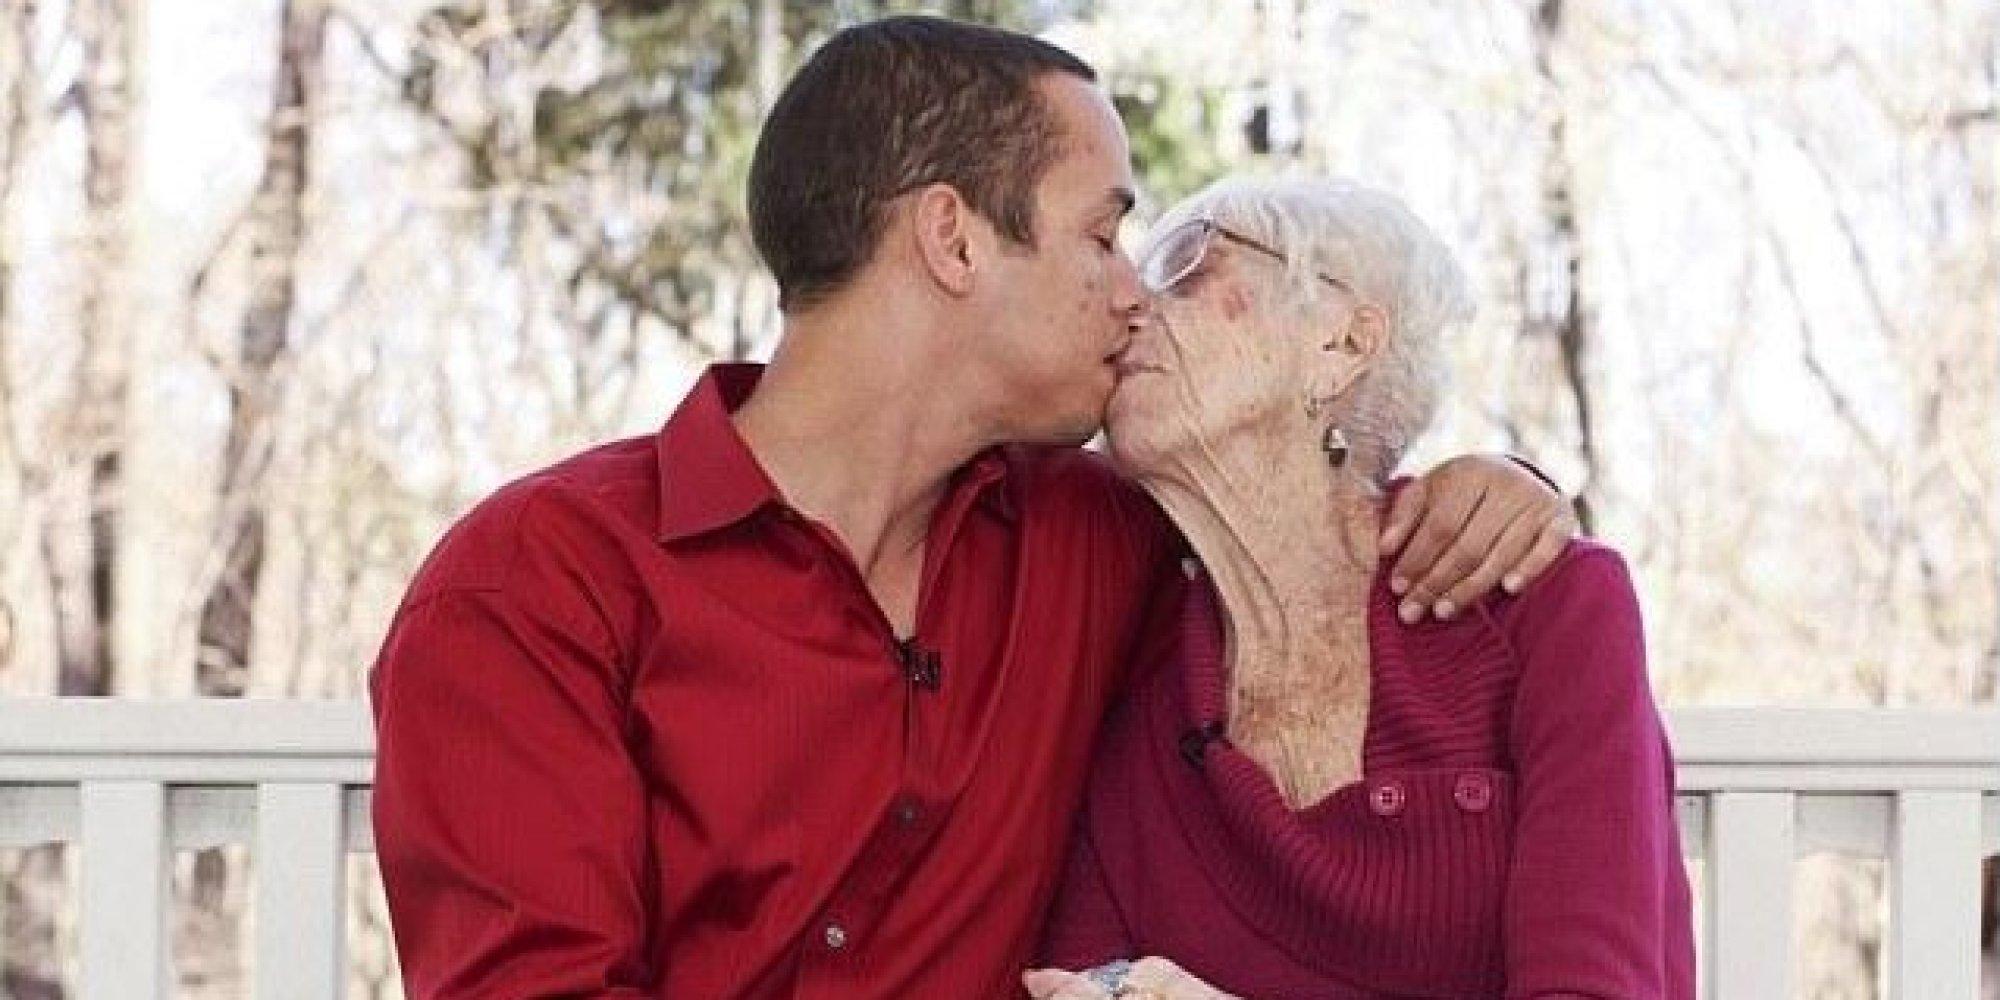 Сайт любителей старушек 14 фотография